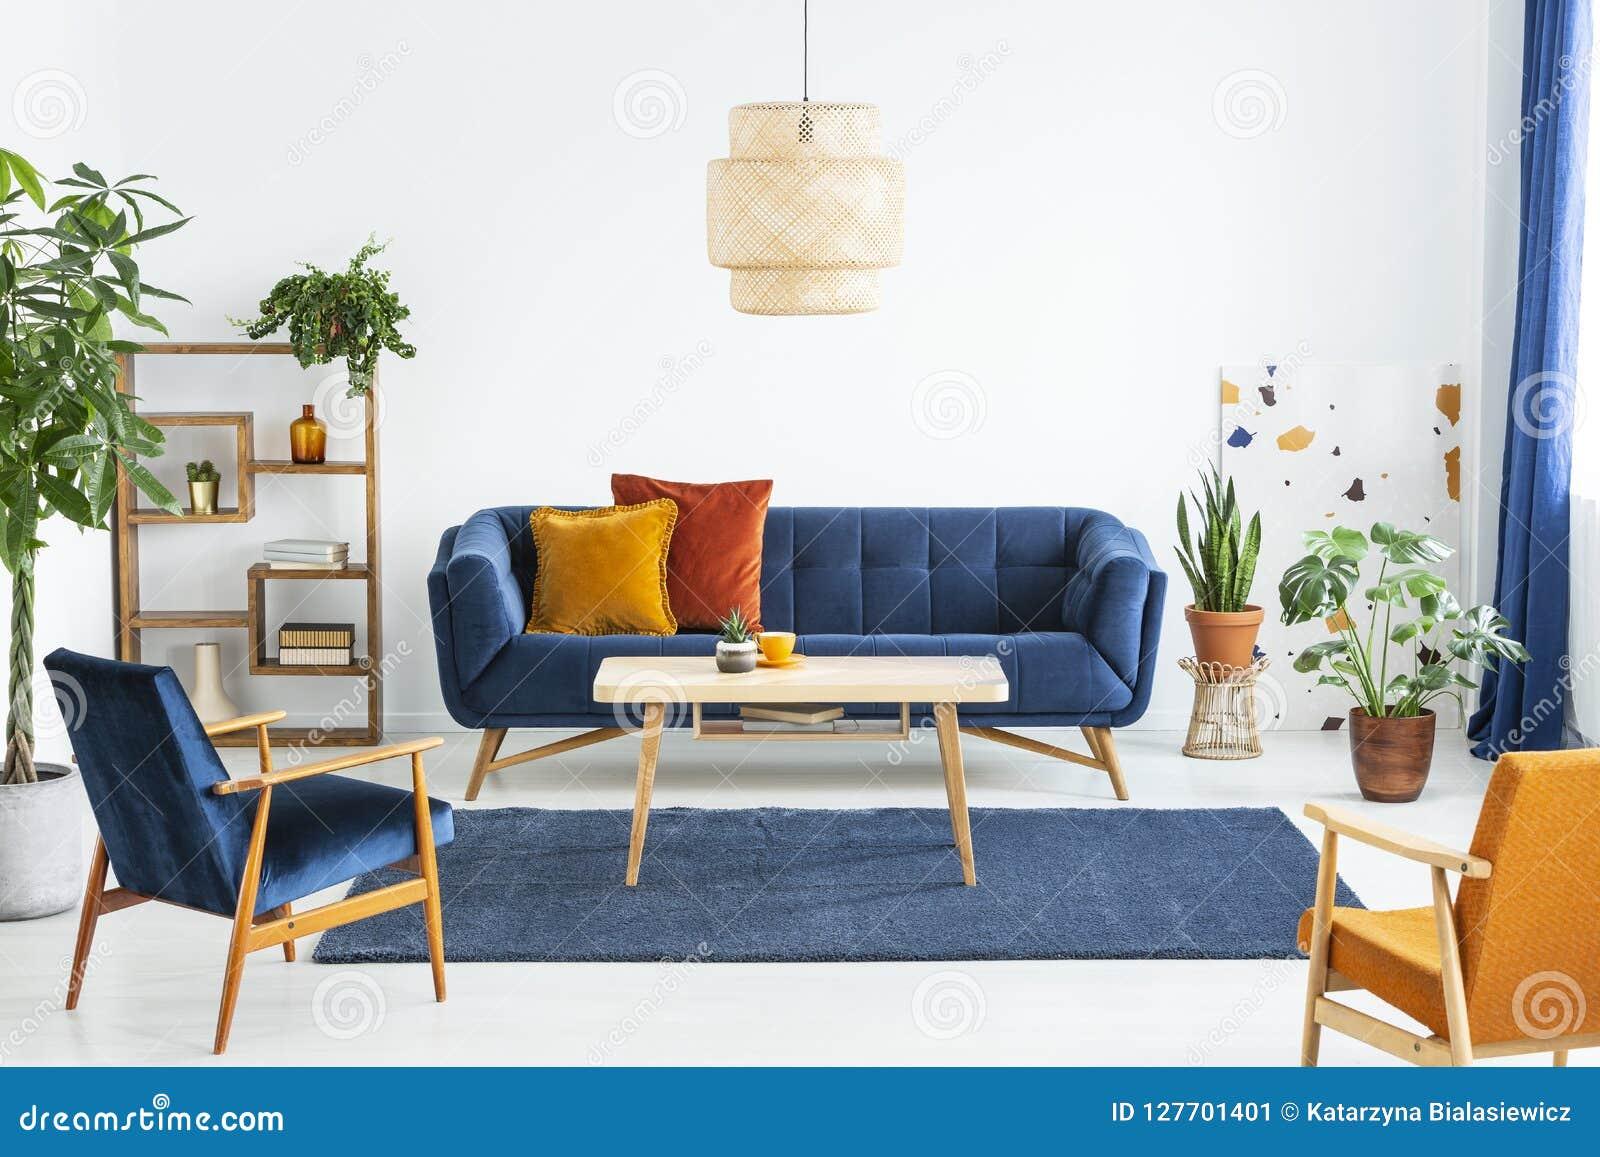 有木制框架的减速火箭的扶手椅子和在一个藏青色沙发的五颜六色的枕头在与绿色植物的充满活力的客厅内部 再